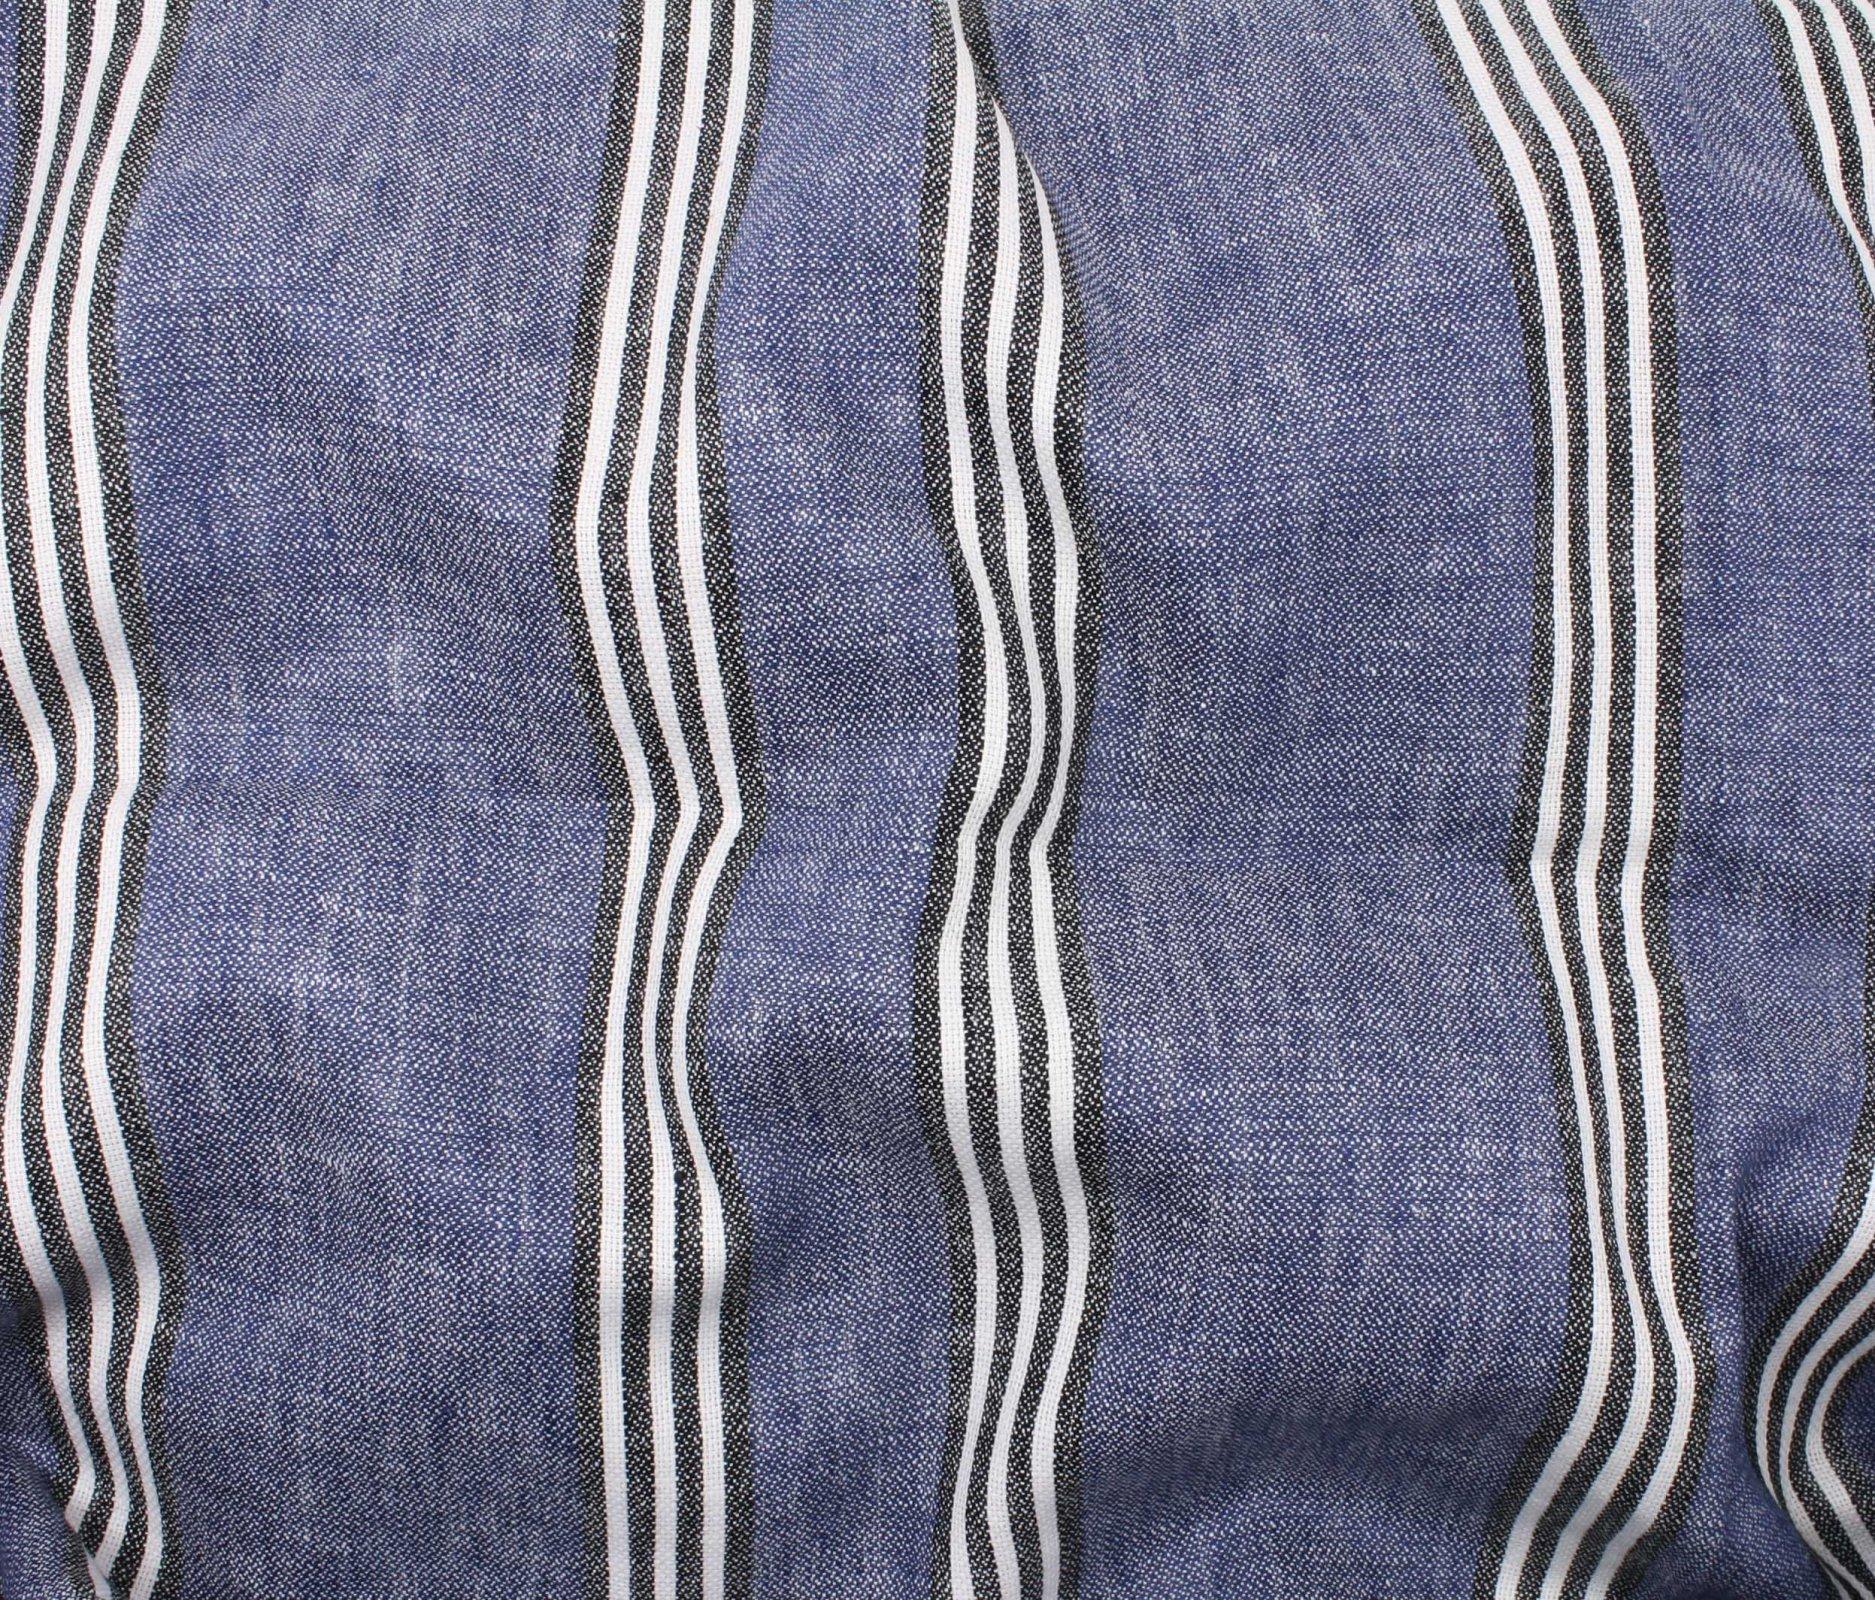 Canyon Stripe Linen/Cotton - Denim Blue